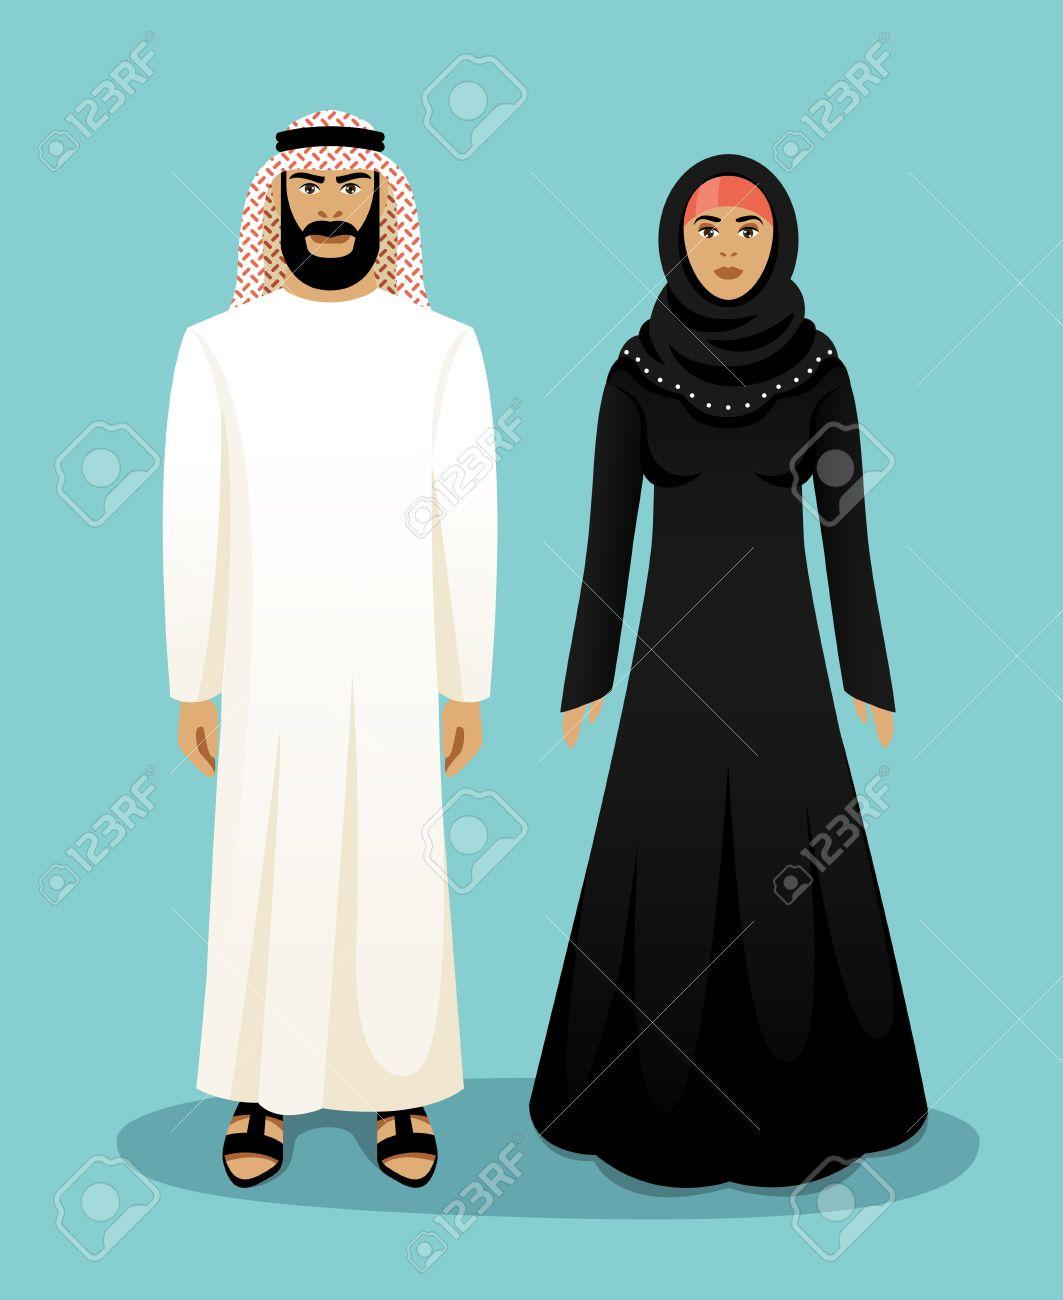 Musulmanes Pour Costumes Costumes Typiques Pour Femmes Typiques Pw80OnkX